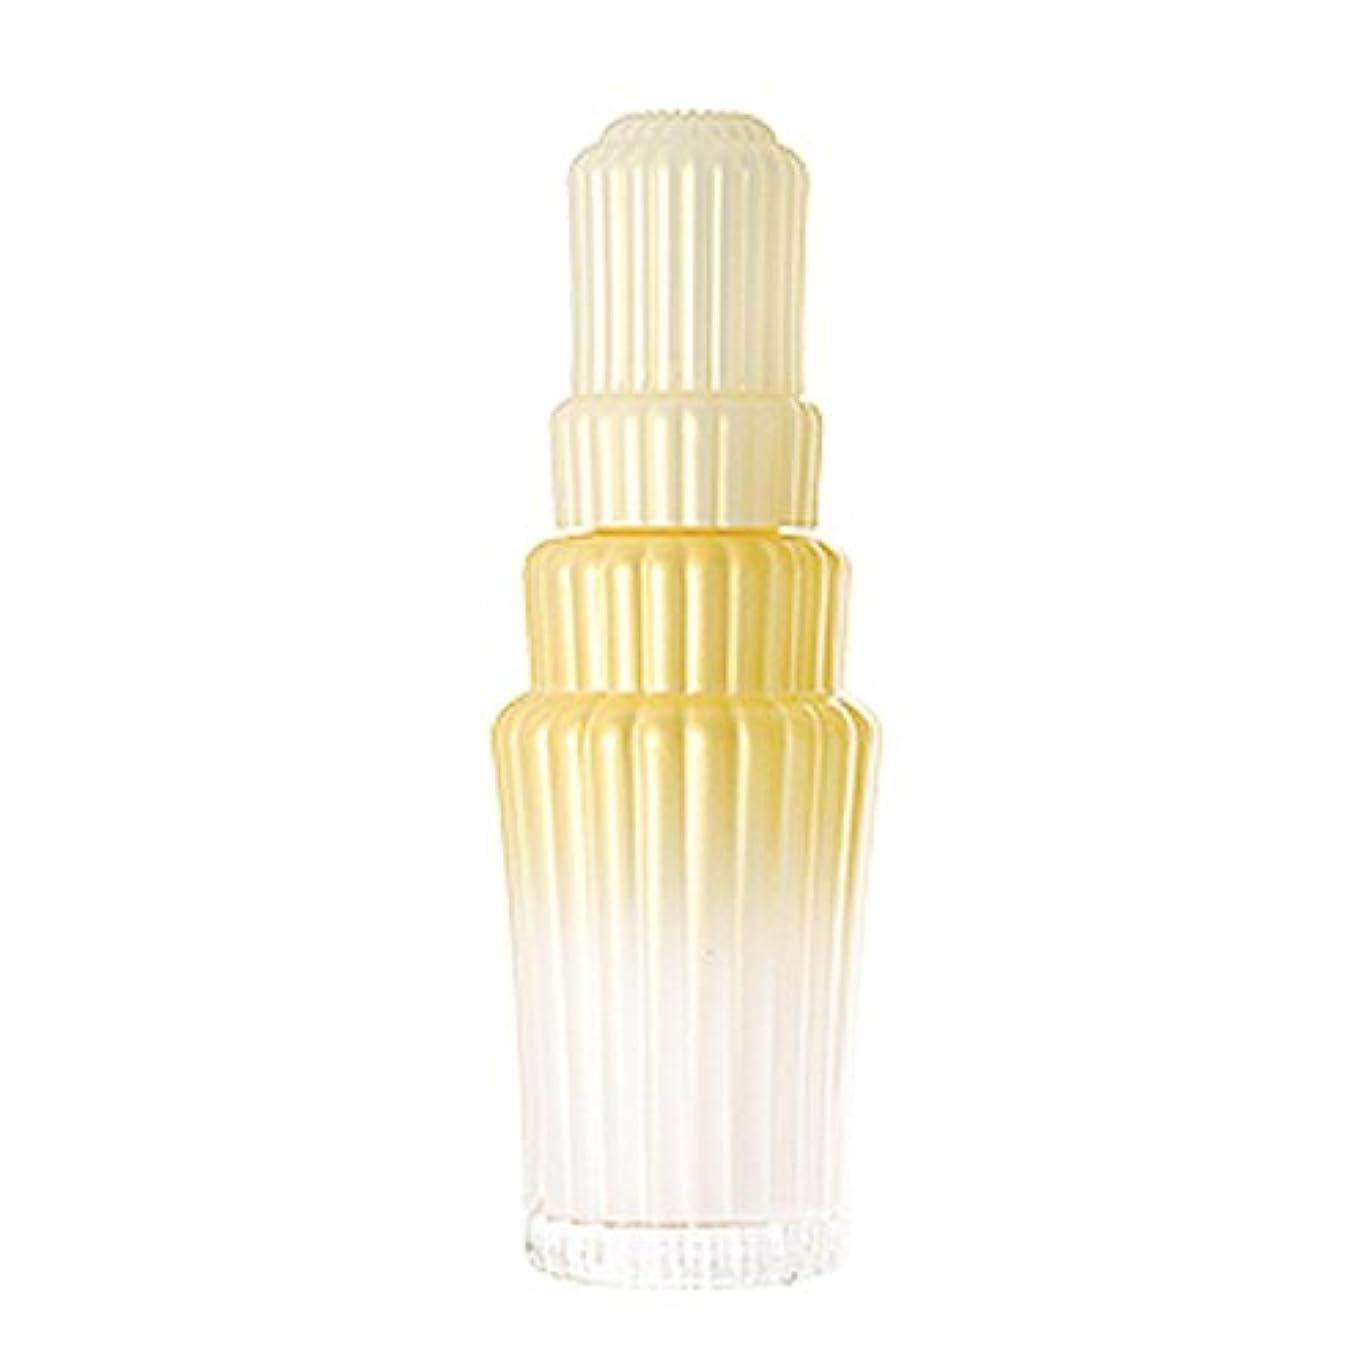 束ねる虎率直なアユーラ (AYURA) モイスチャライジングプライマー オーバードライ W (医薬部外品) 100mL 〈美白化粧液〉 濃密乾燥ケア うるおい アロマティックハーブの香り